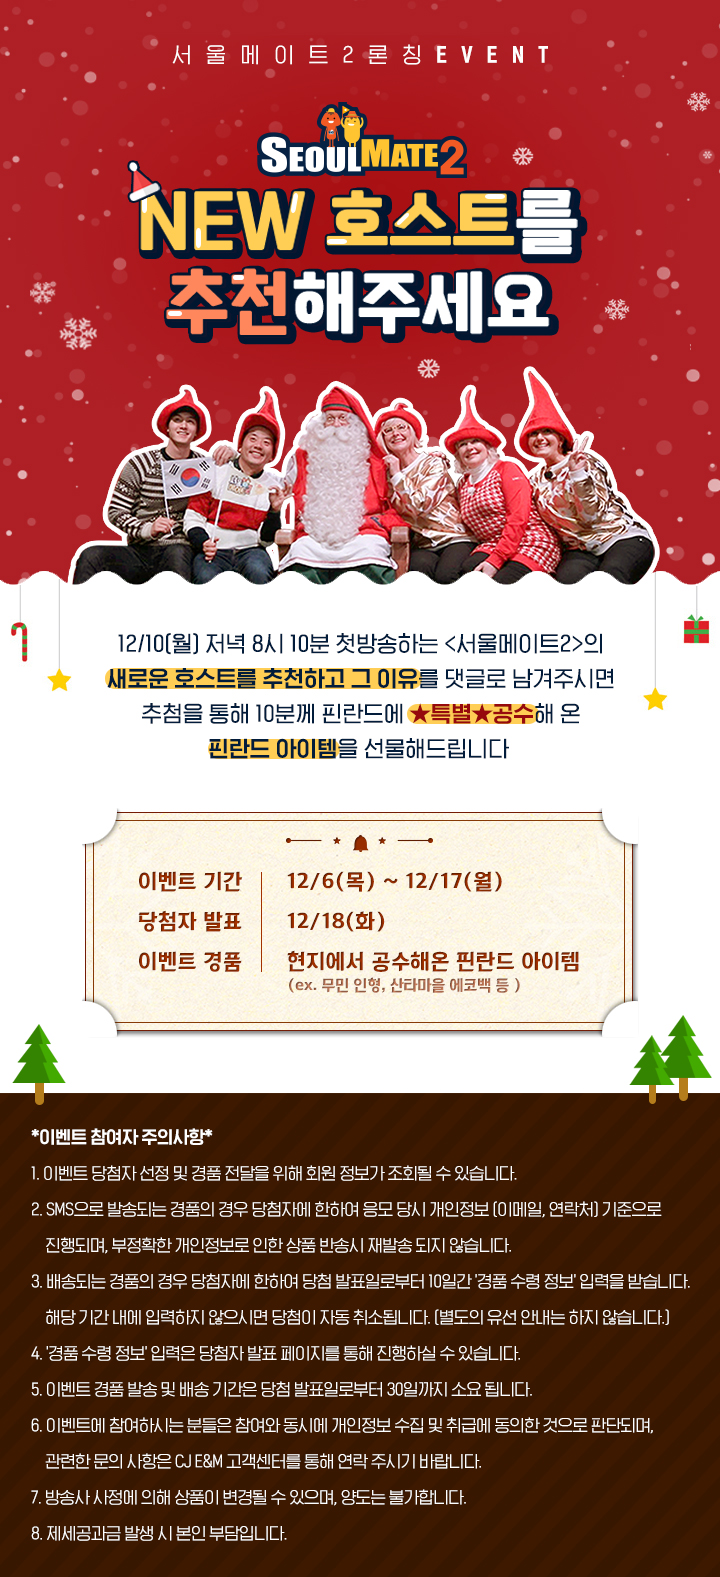 [서울메이트2] 시즌2 NEW 호스트를 추천 EVENT